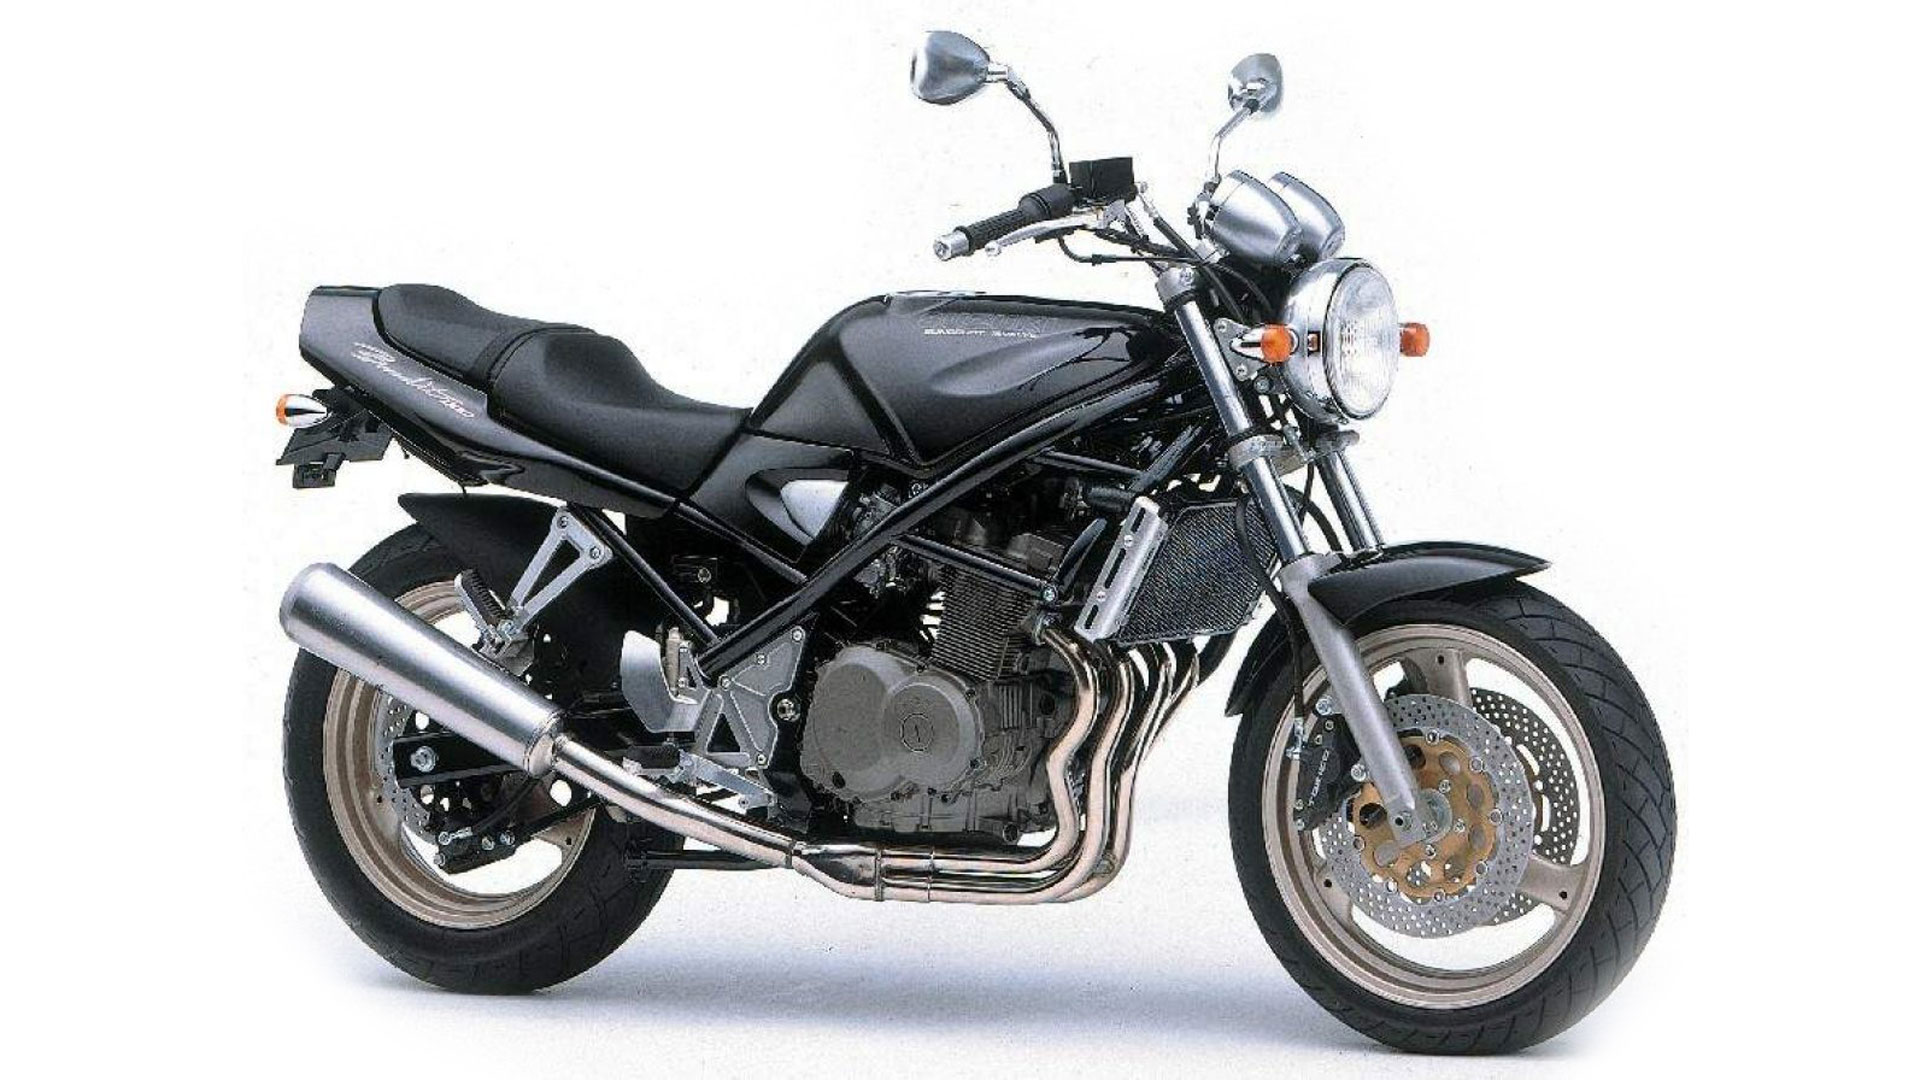 1989 Suzuki GSF400 Bandit